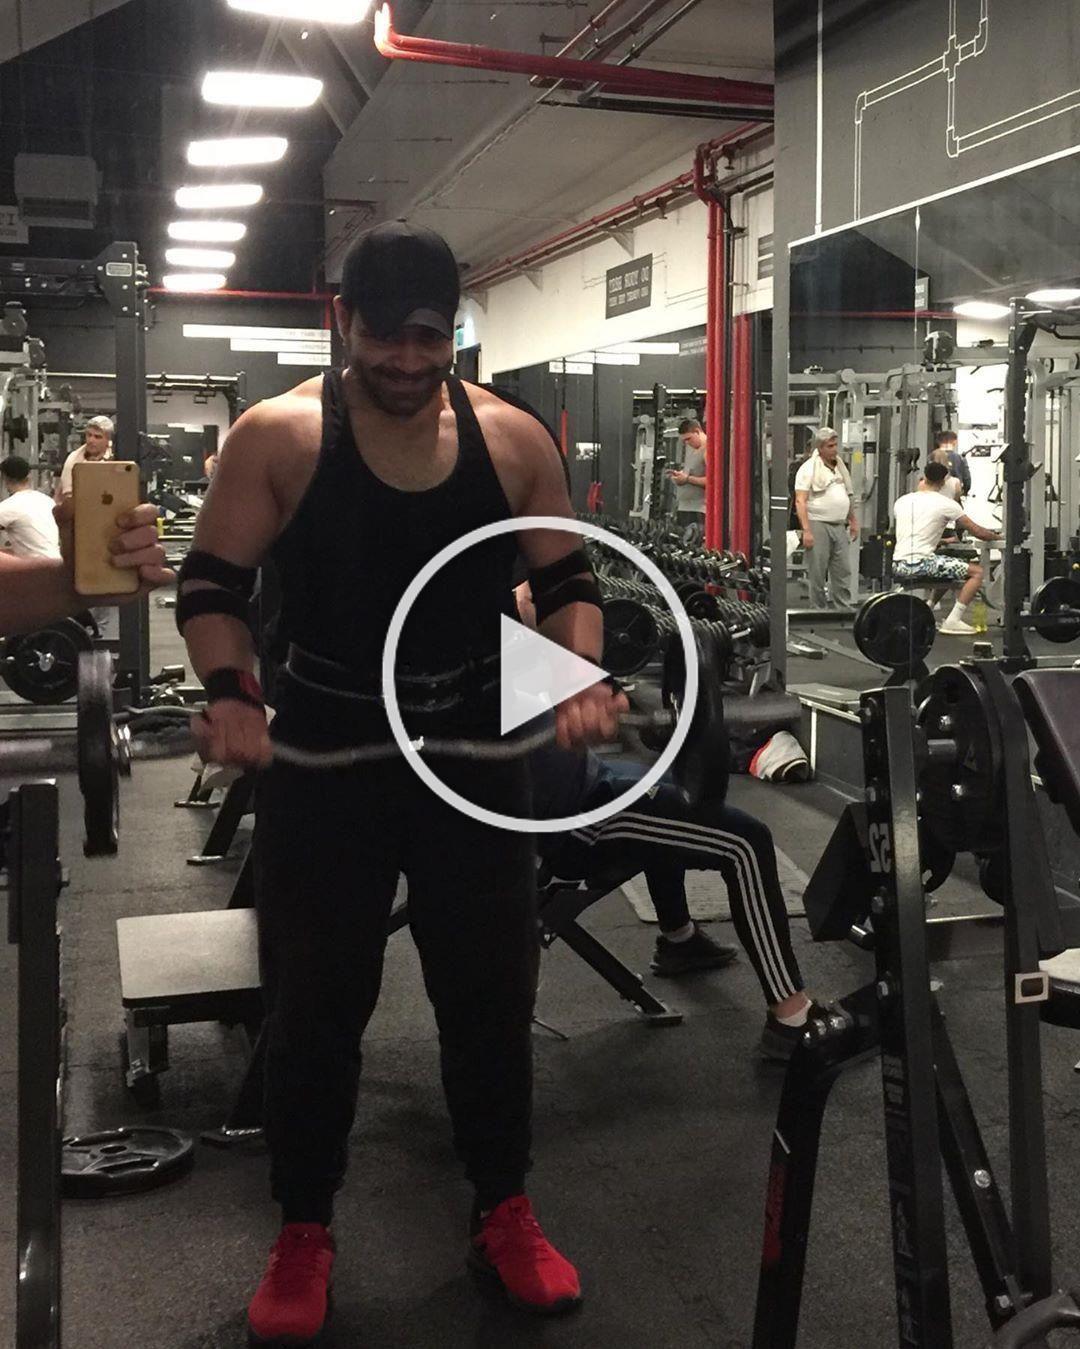 Biceps Übungen sind schwierige  #gym #gymmotivation #gymshark #motivation #motivationalquotes #fitne...